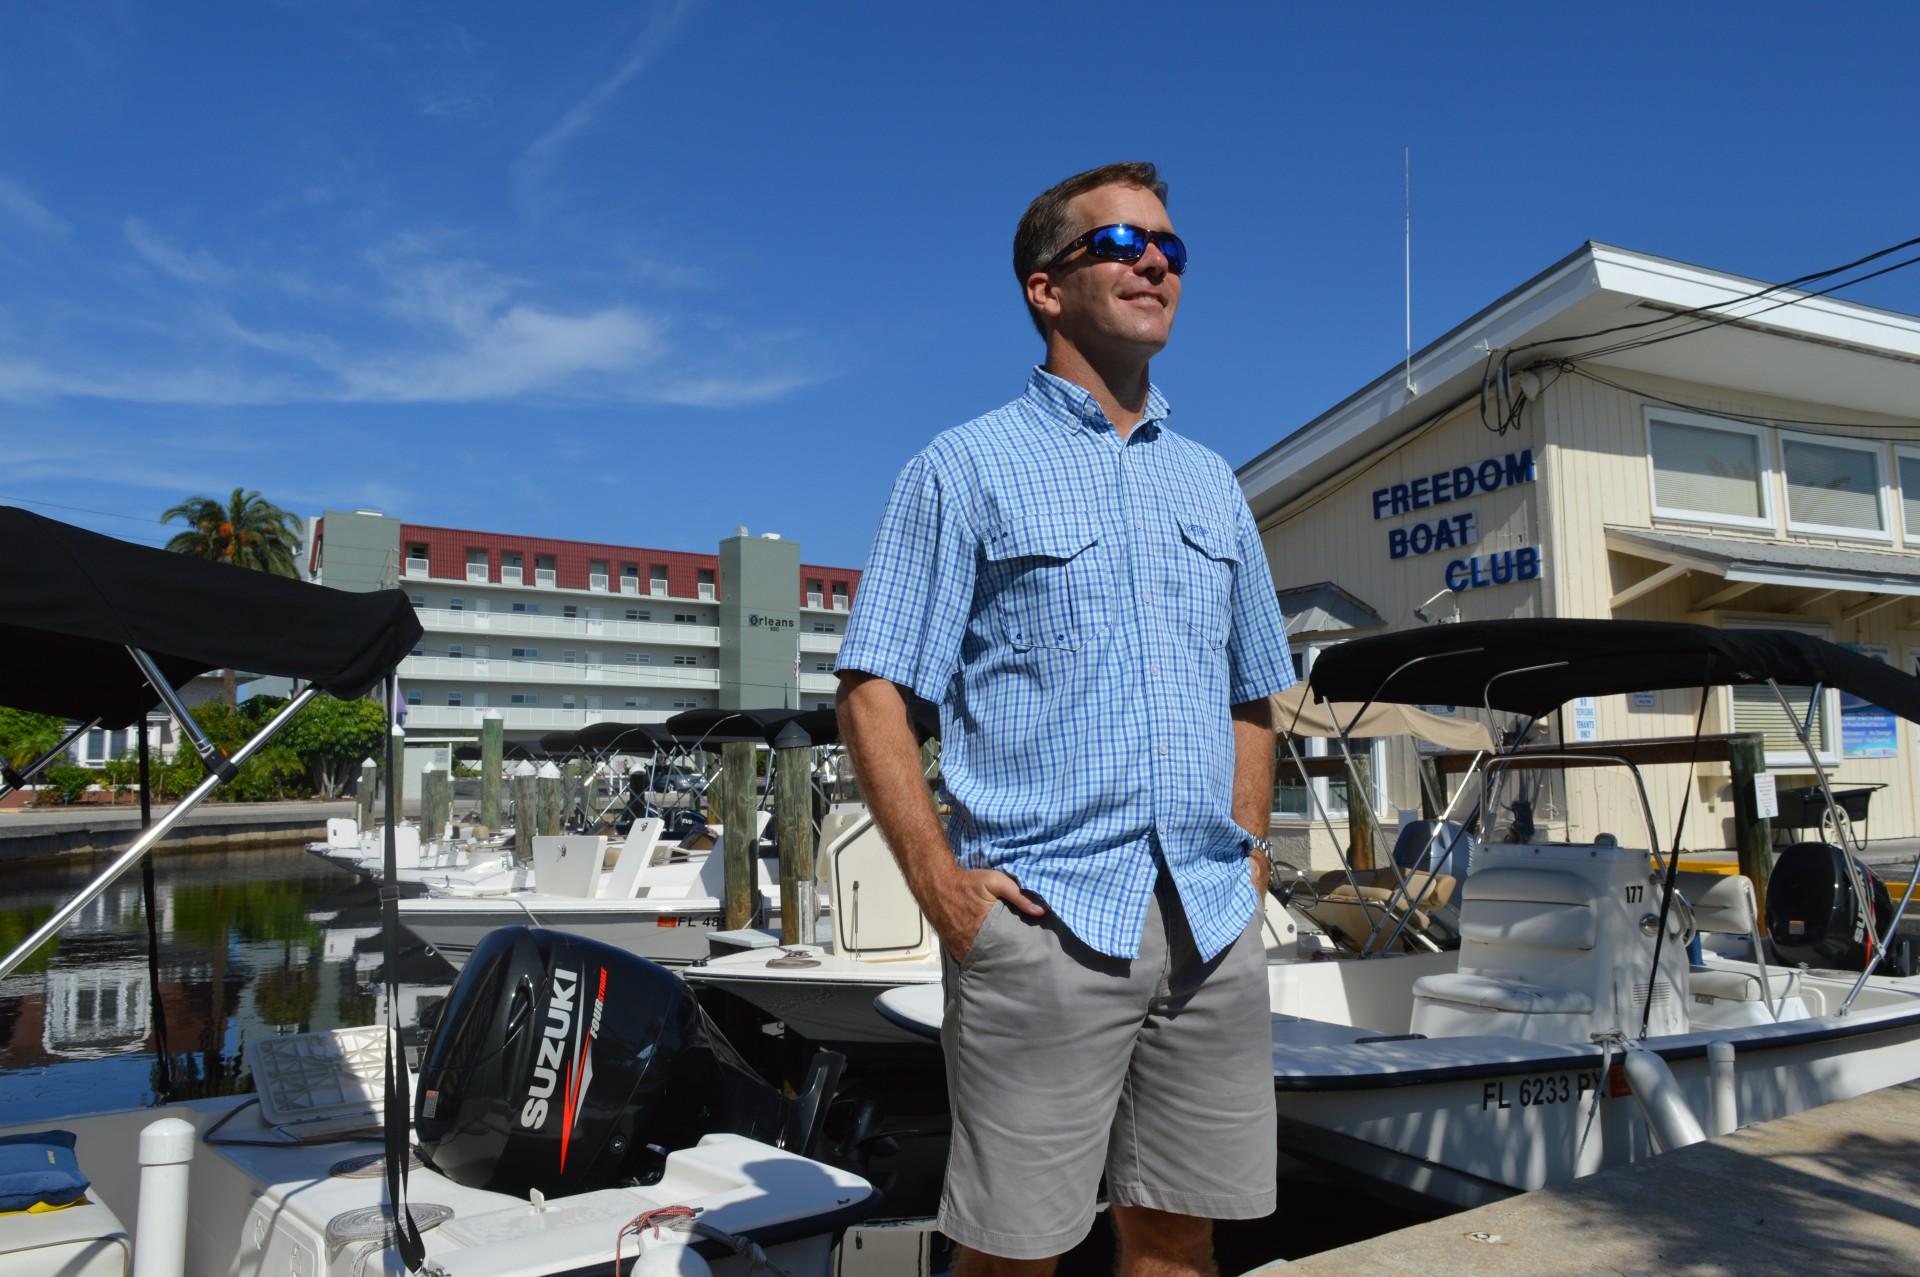 John Giglio, President, Freedom Boat Club